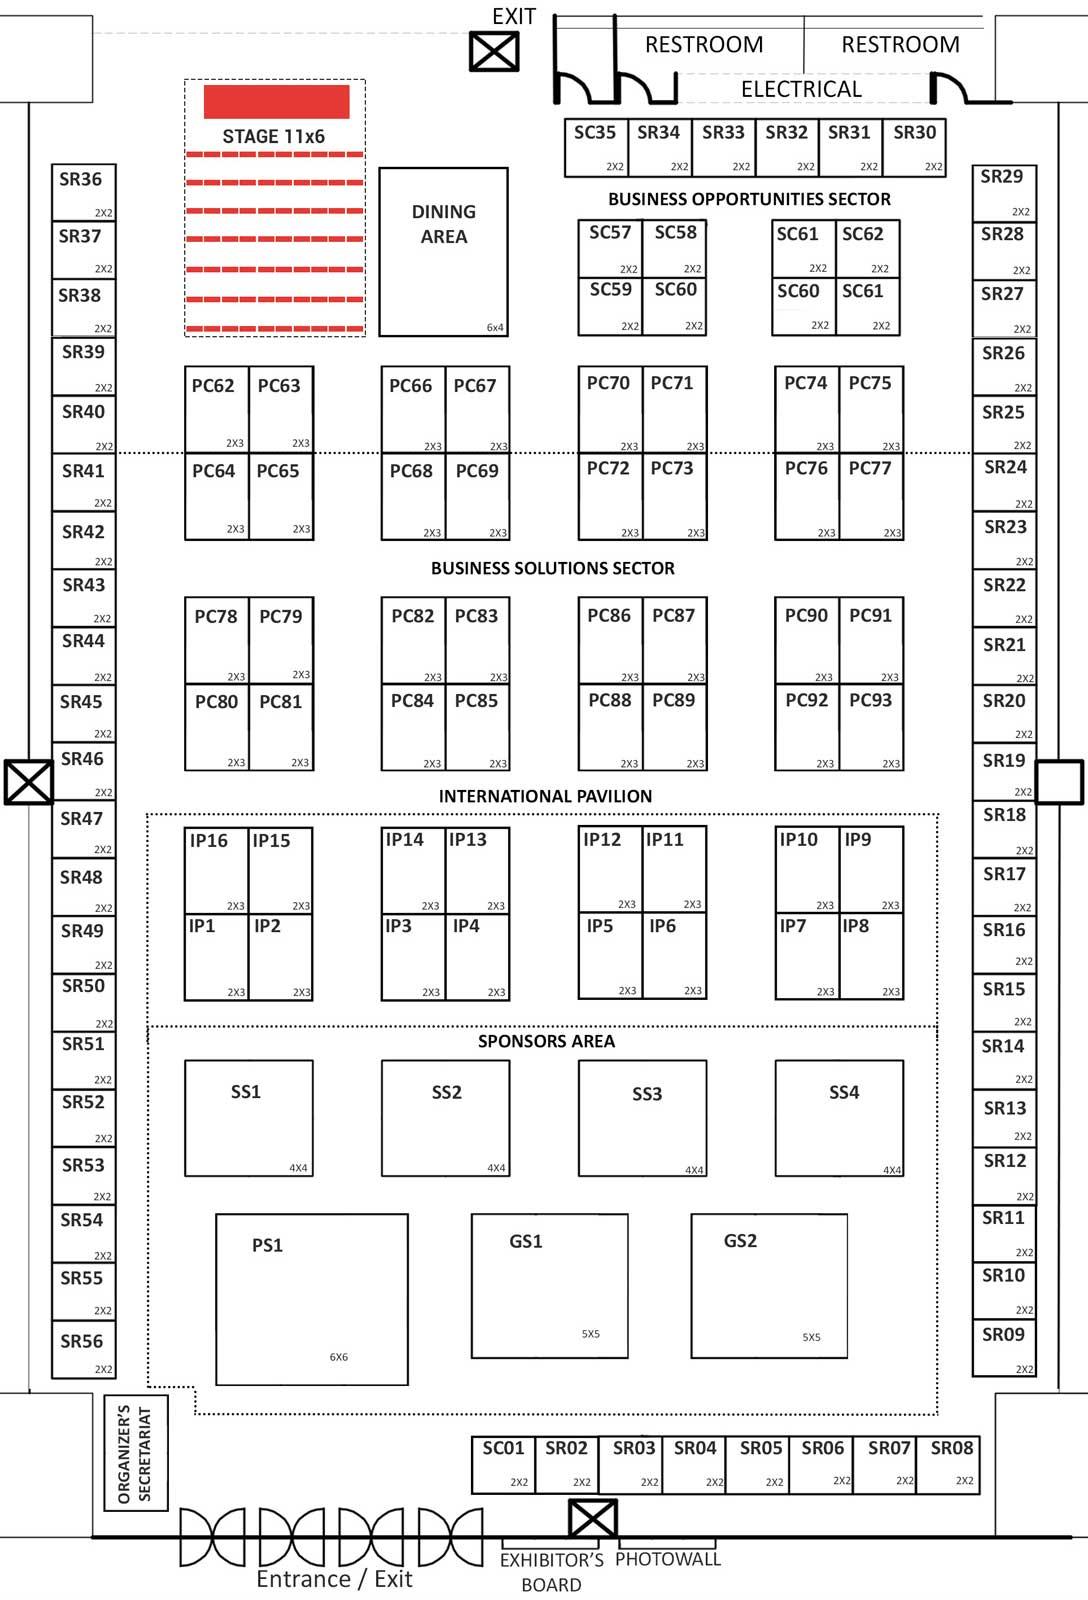 PhilSME 2017 Floor Plan